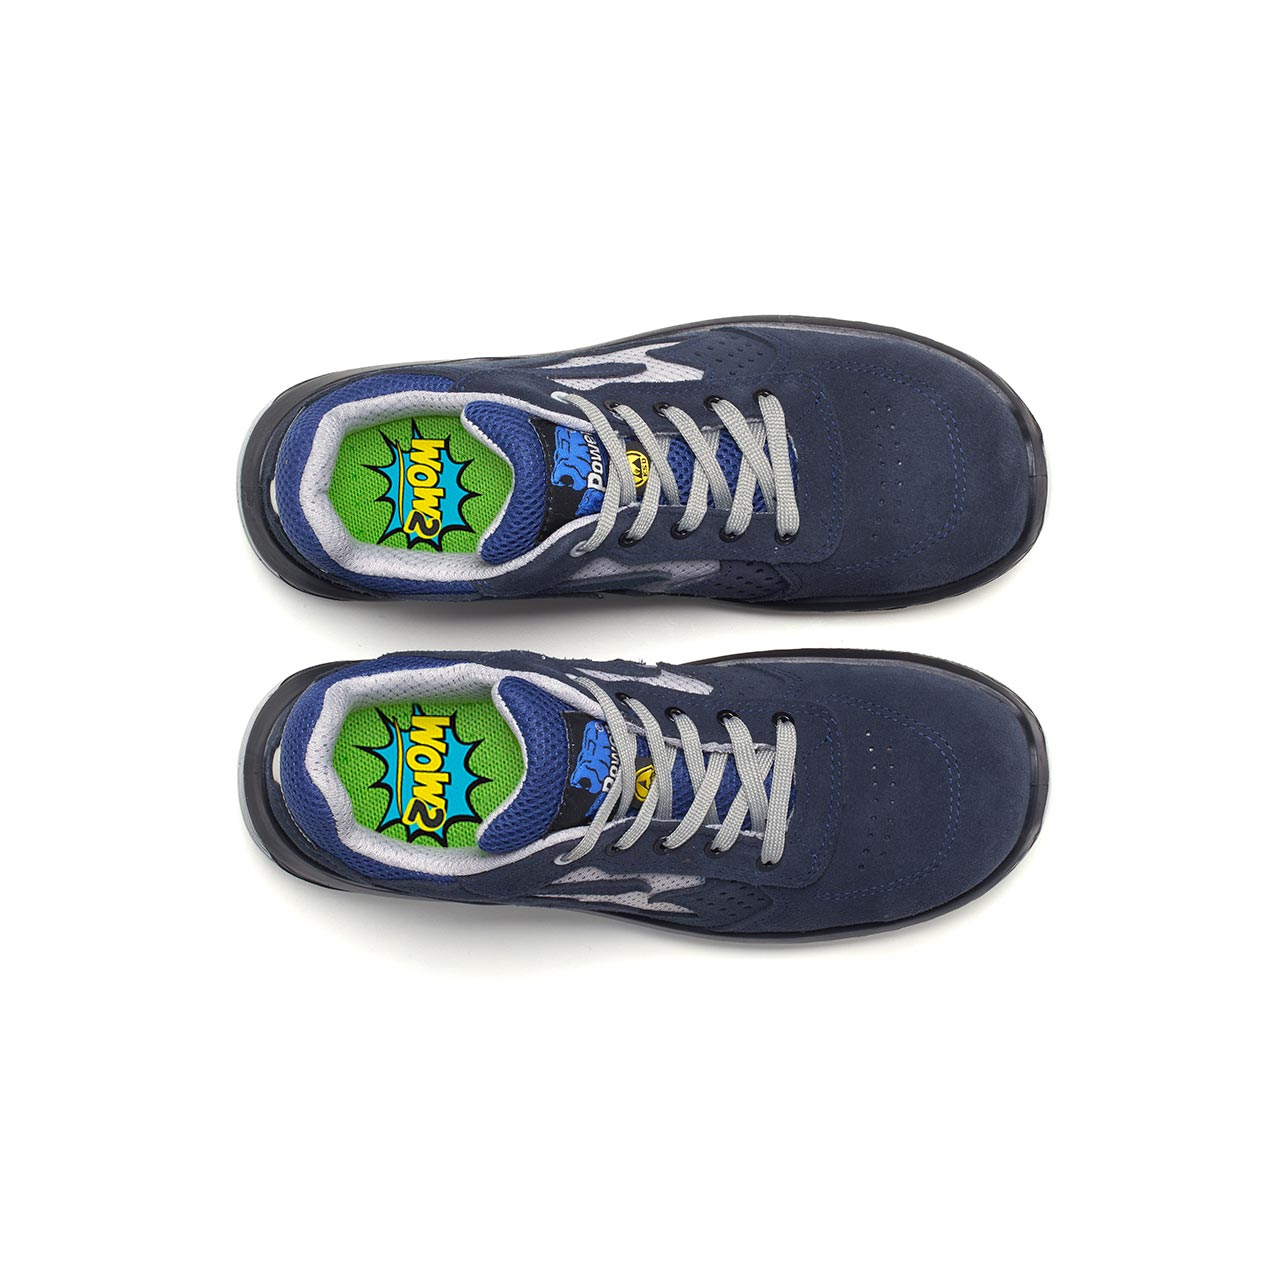 paio di scarpe antinfortunistiche upower modello berlino linea redindustry vista top